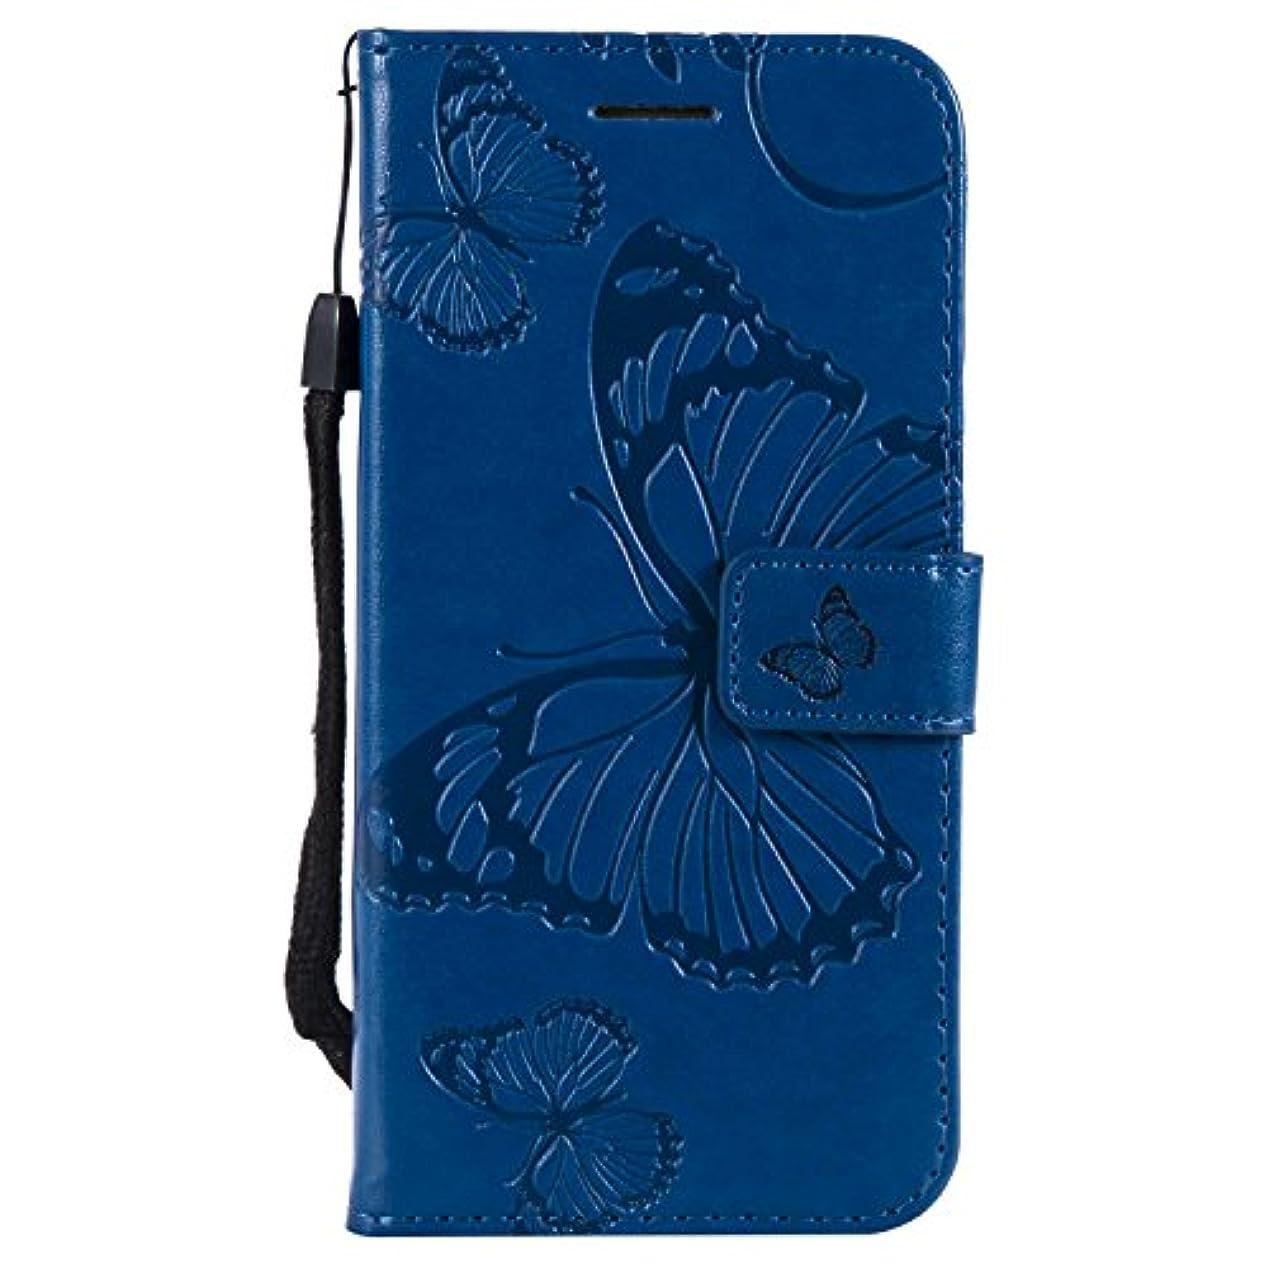 親指リル致命的CUSKING Galaxy S7 ケース Galaxy S7 カバー ギャラクシ 手帳ケース カードポケット スタンド機能 蝶柄 スマホケース かわいい レザー 手帳 - ブルー